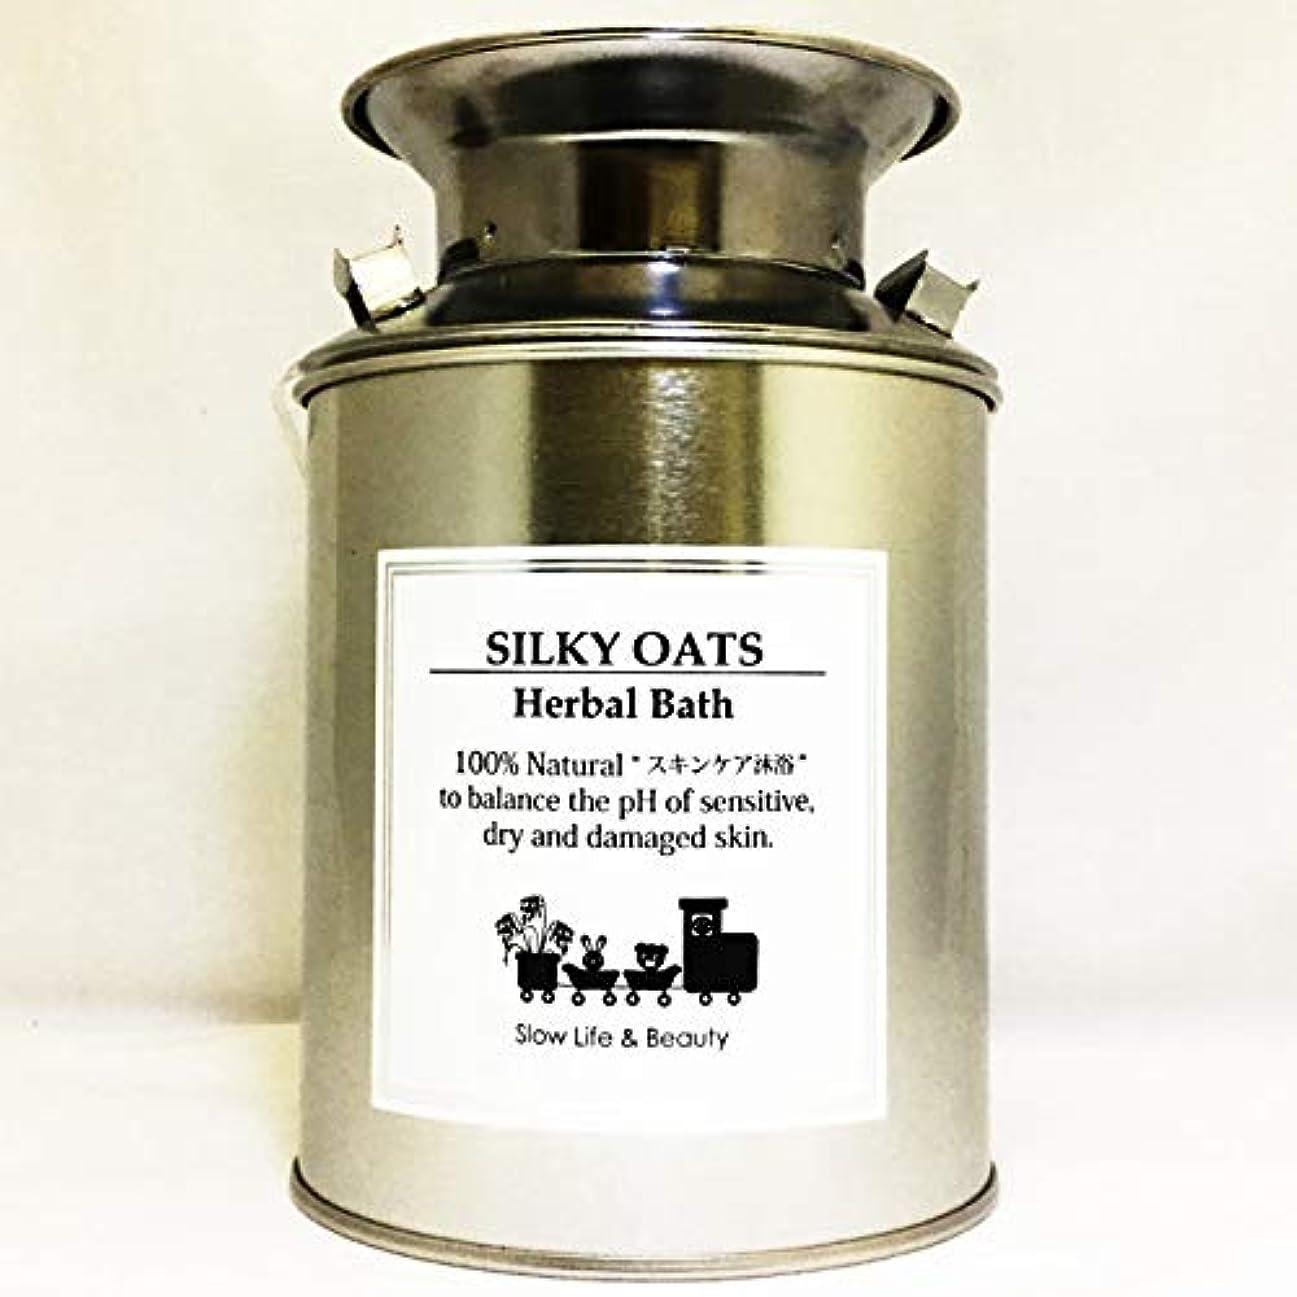 球状ハードリング単語シーラン SEARUN SILKY OATS Herbal Bath(ハーバルバス)10g×20袋